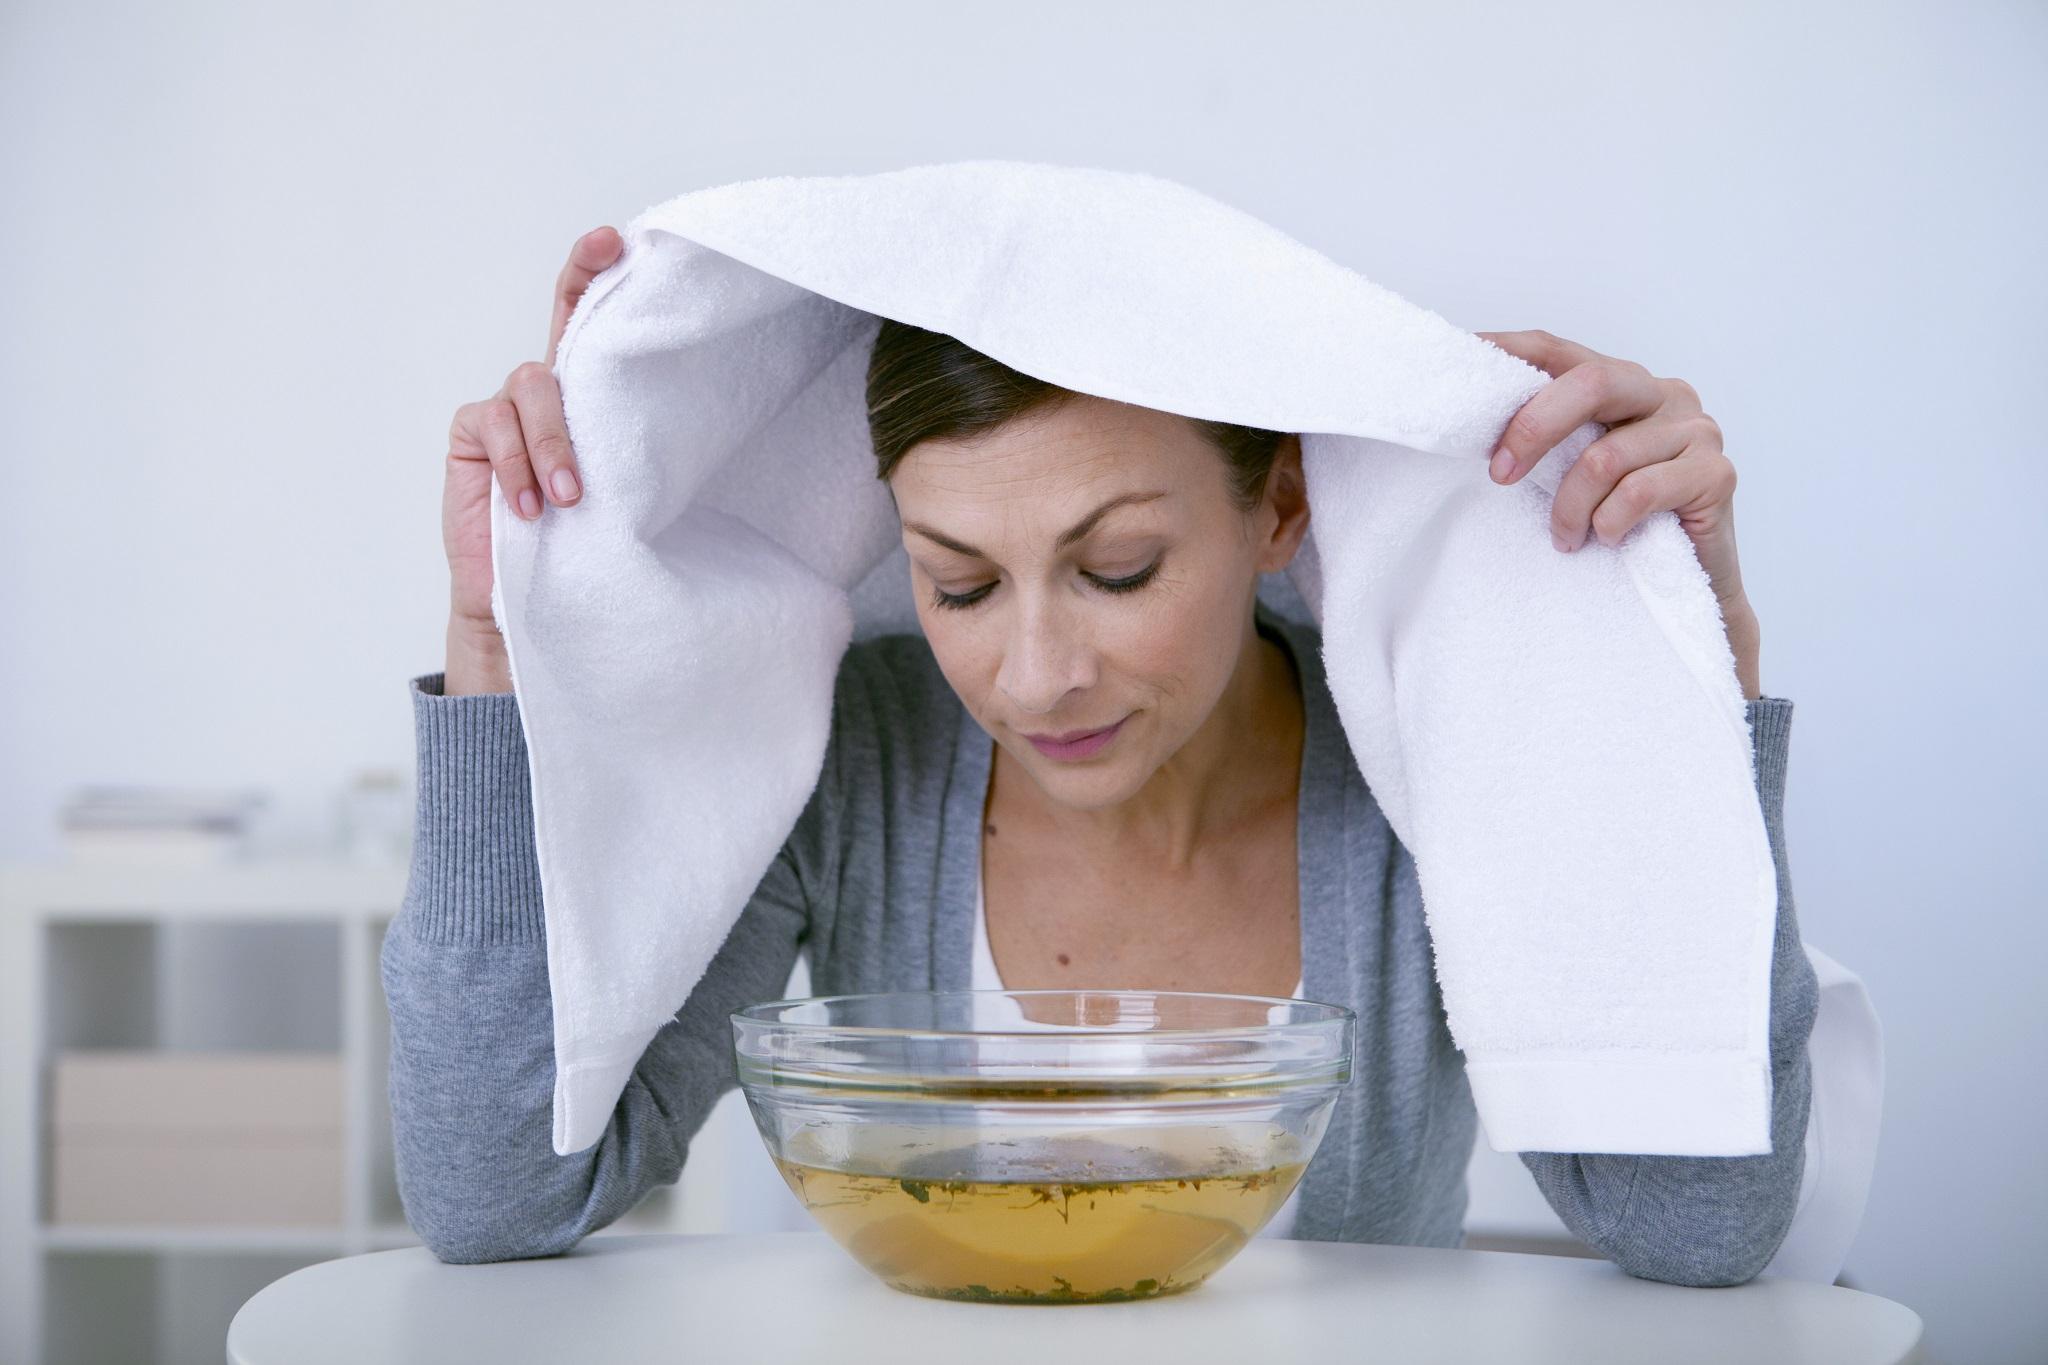 Jak schudnąć w 2 tygodnie? - ile można schudnąć, zasady zdrowego żywienia, dieta na 14 dni